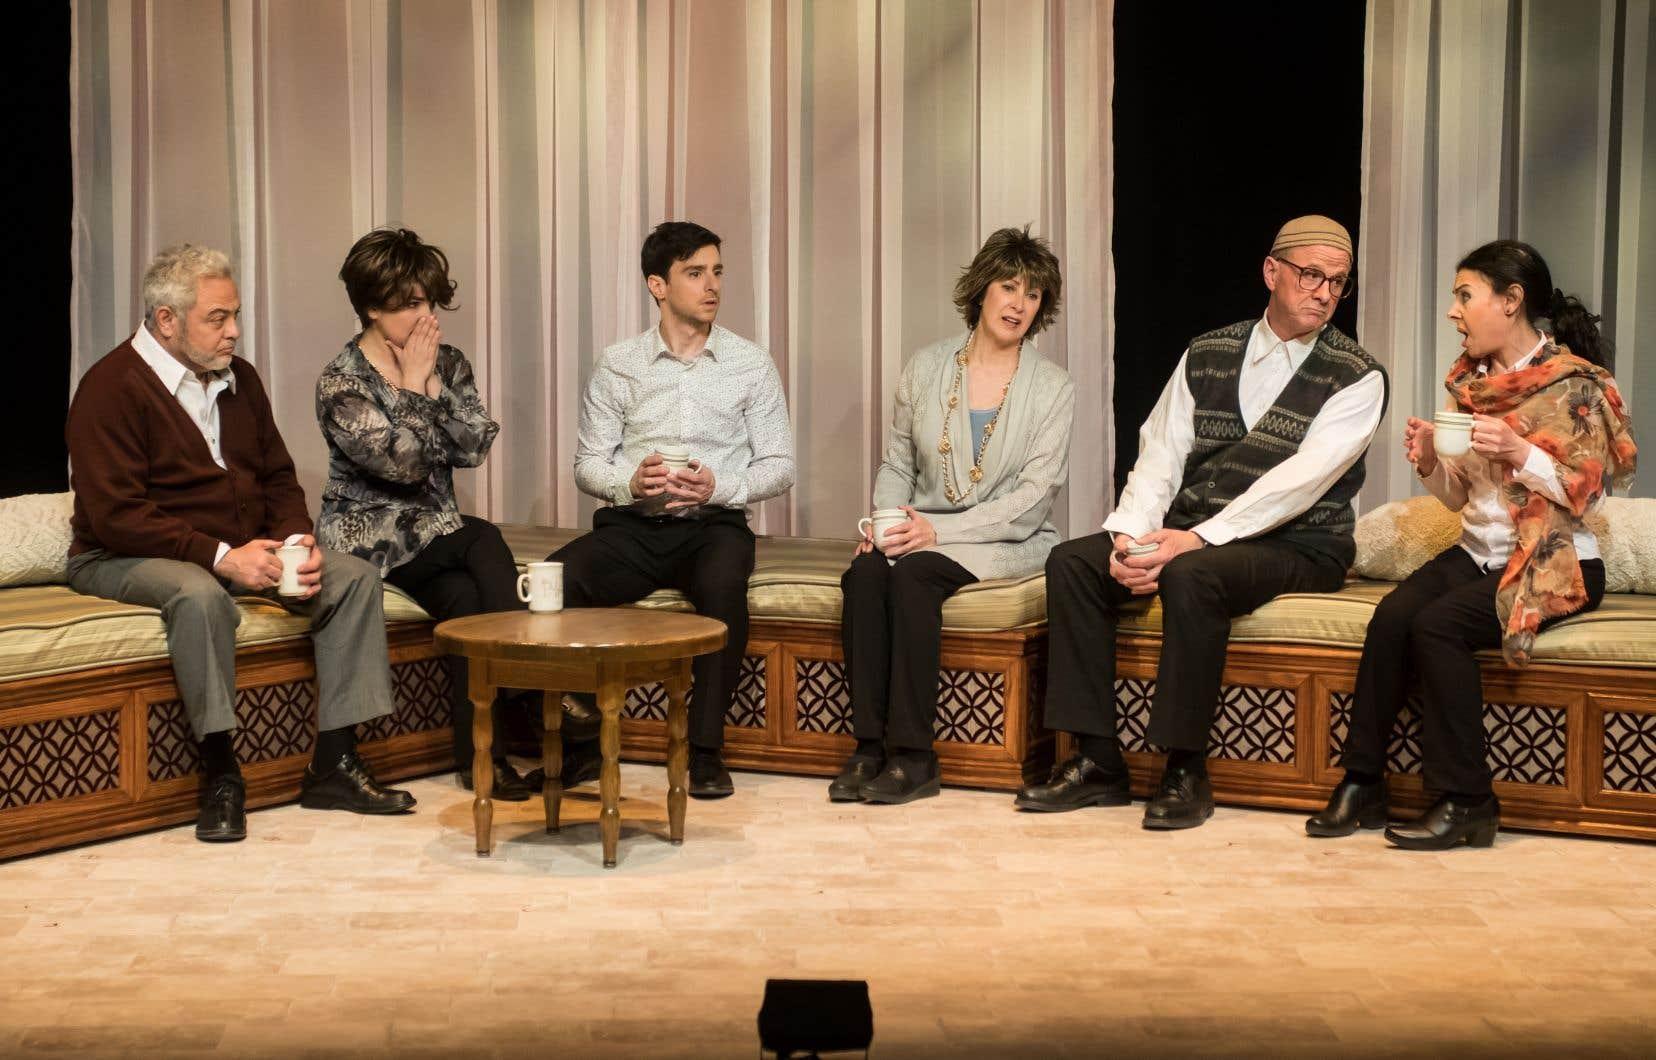 Les protagonistes de la comédie dramatique cherchent un terrain d'entente.